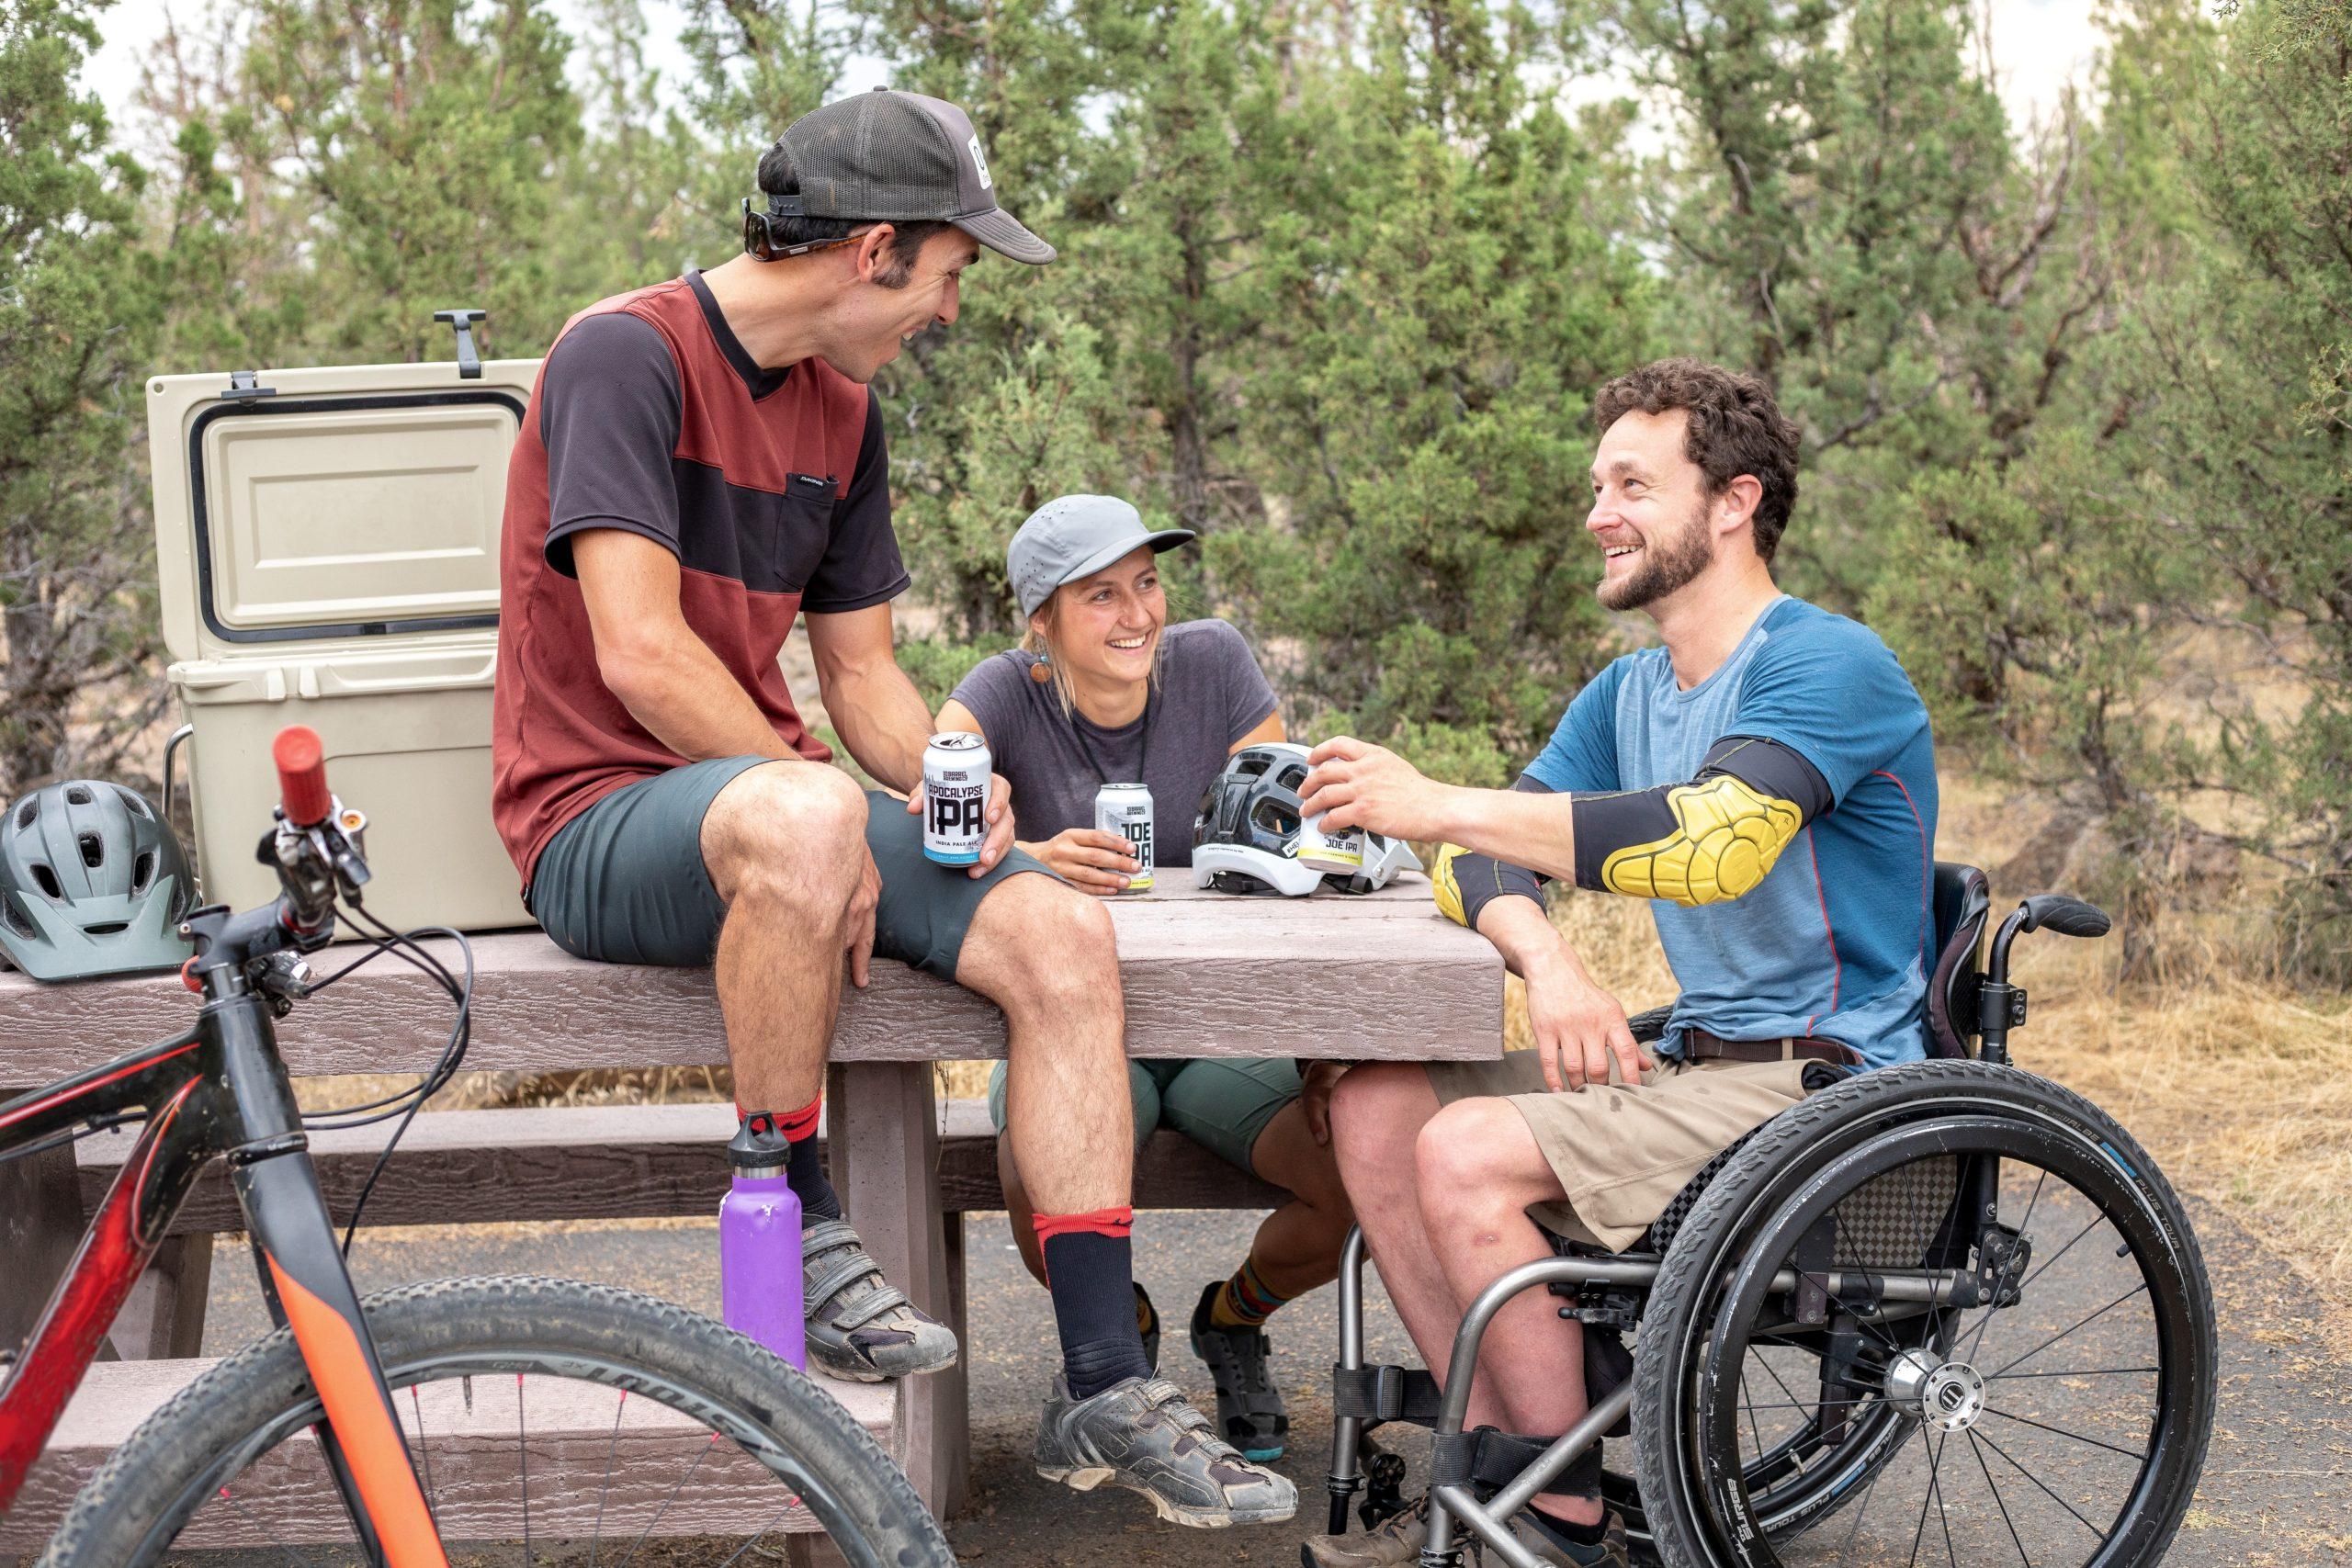 Bildbeschreibung: Bild 1 zeigt 2 Personen mit Fahrrad und ein Rollstuhlfahrer an einen Verweilplatz im Park. Ende der Beschreibung.